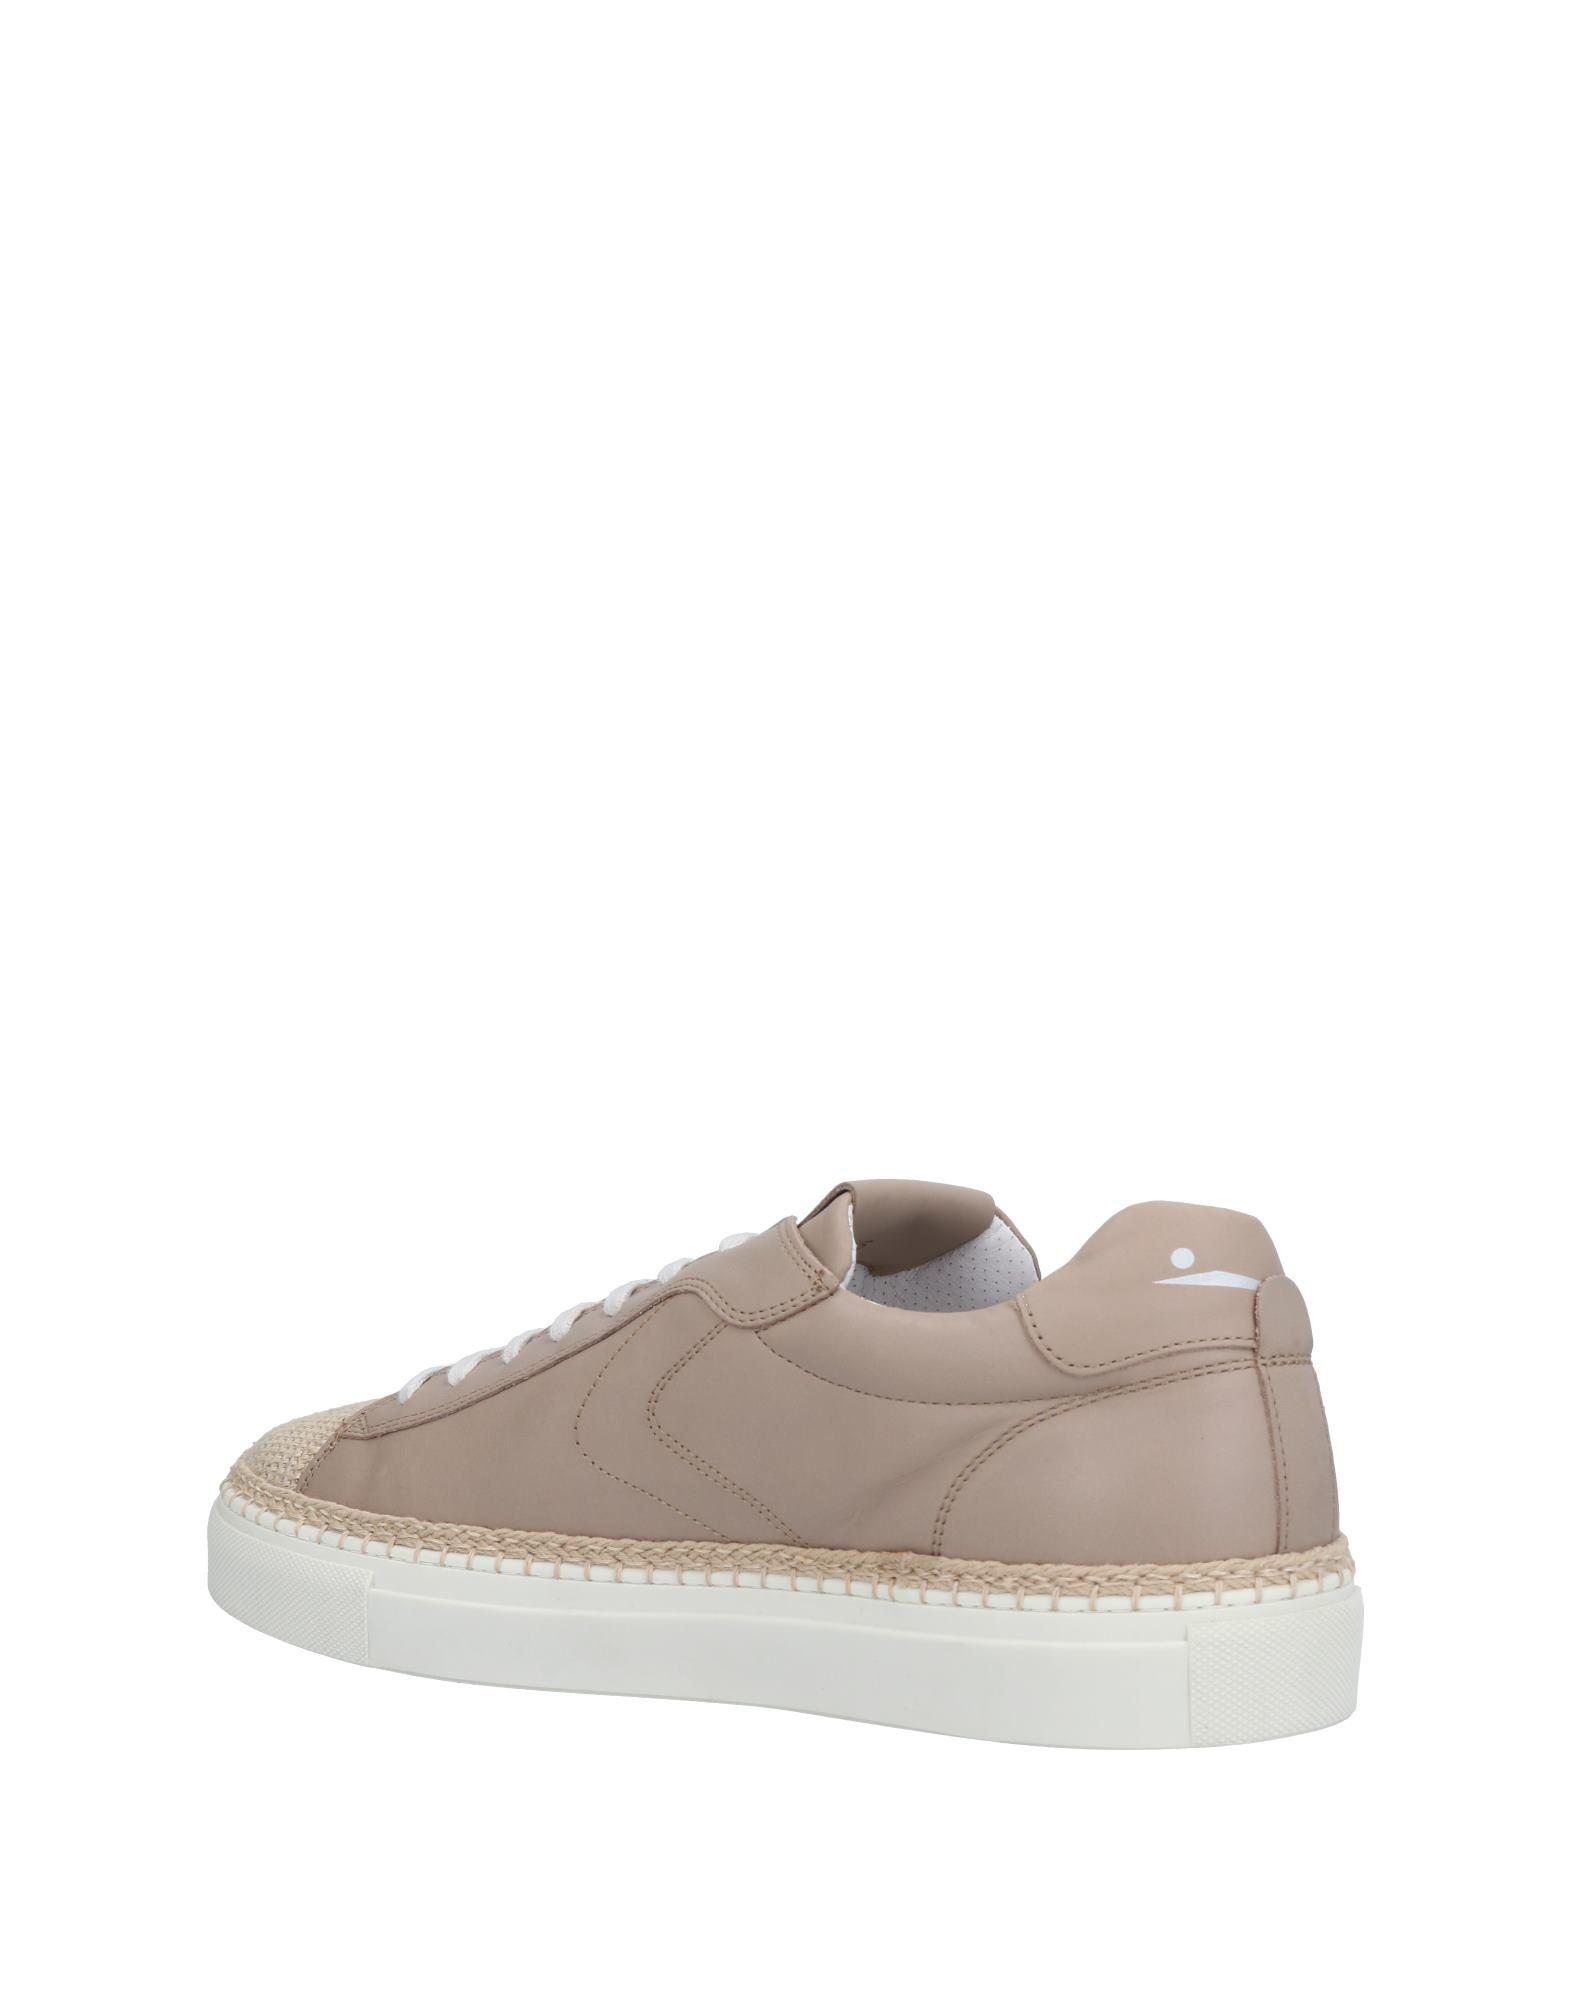 Rabatt echte Sneakers Schuhe Voile Blanche Sneakers echte Herren  11499716IT 09aed7